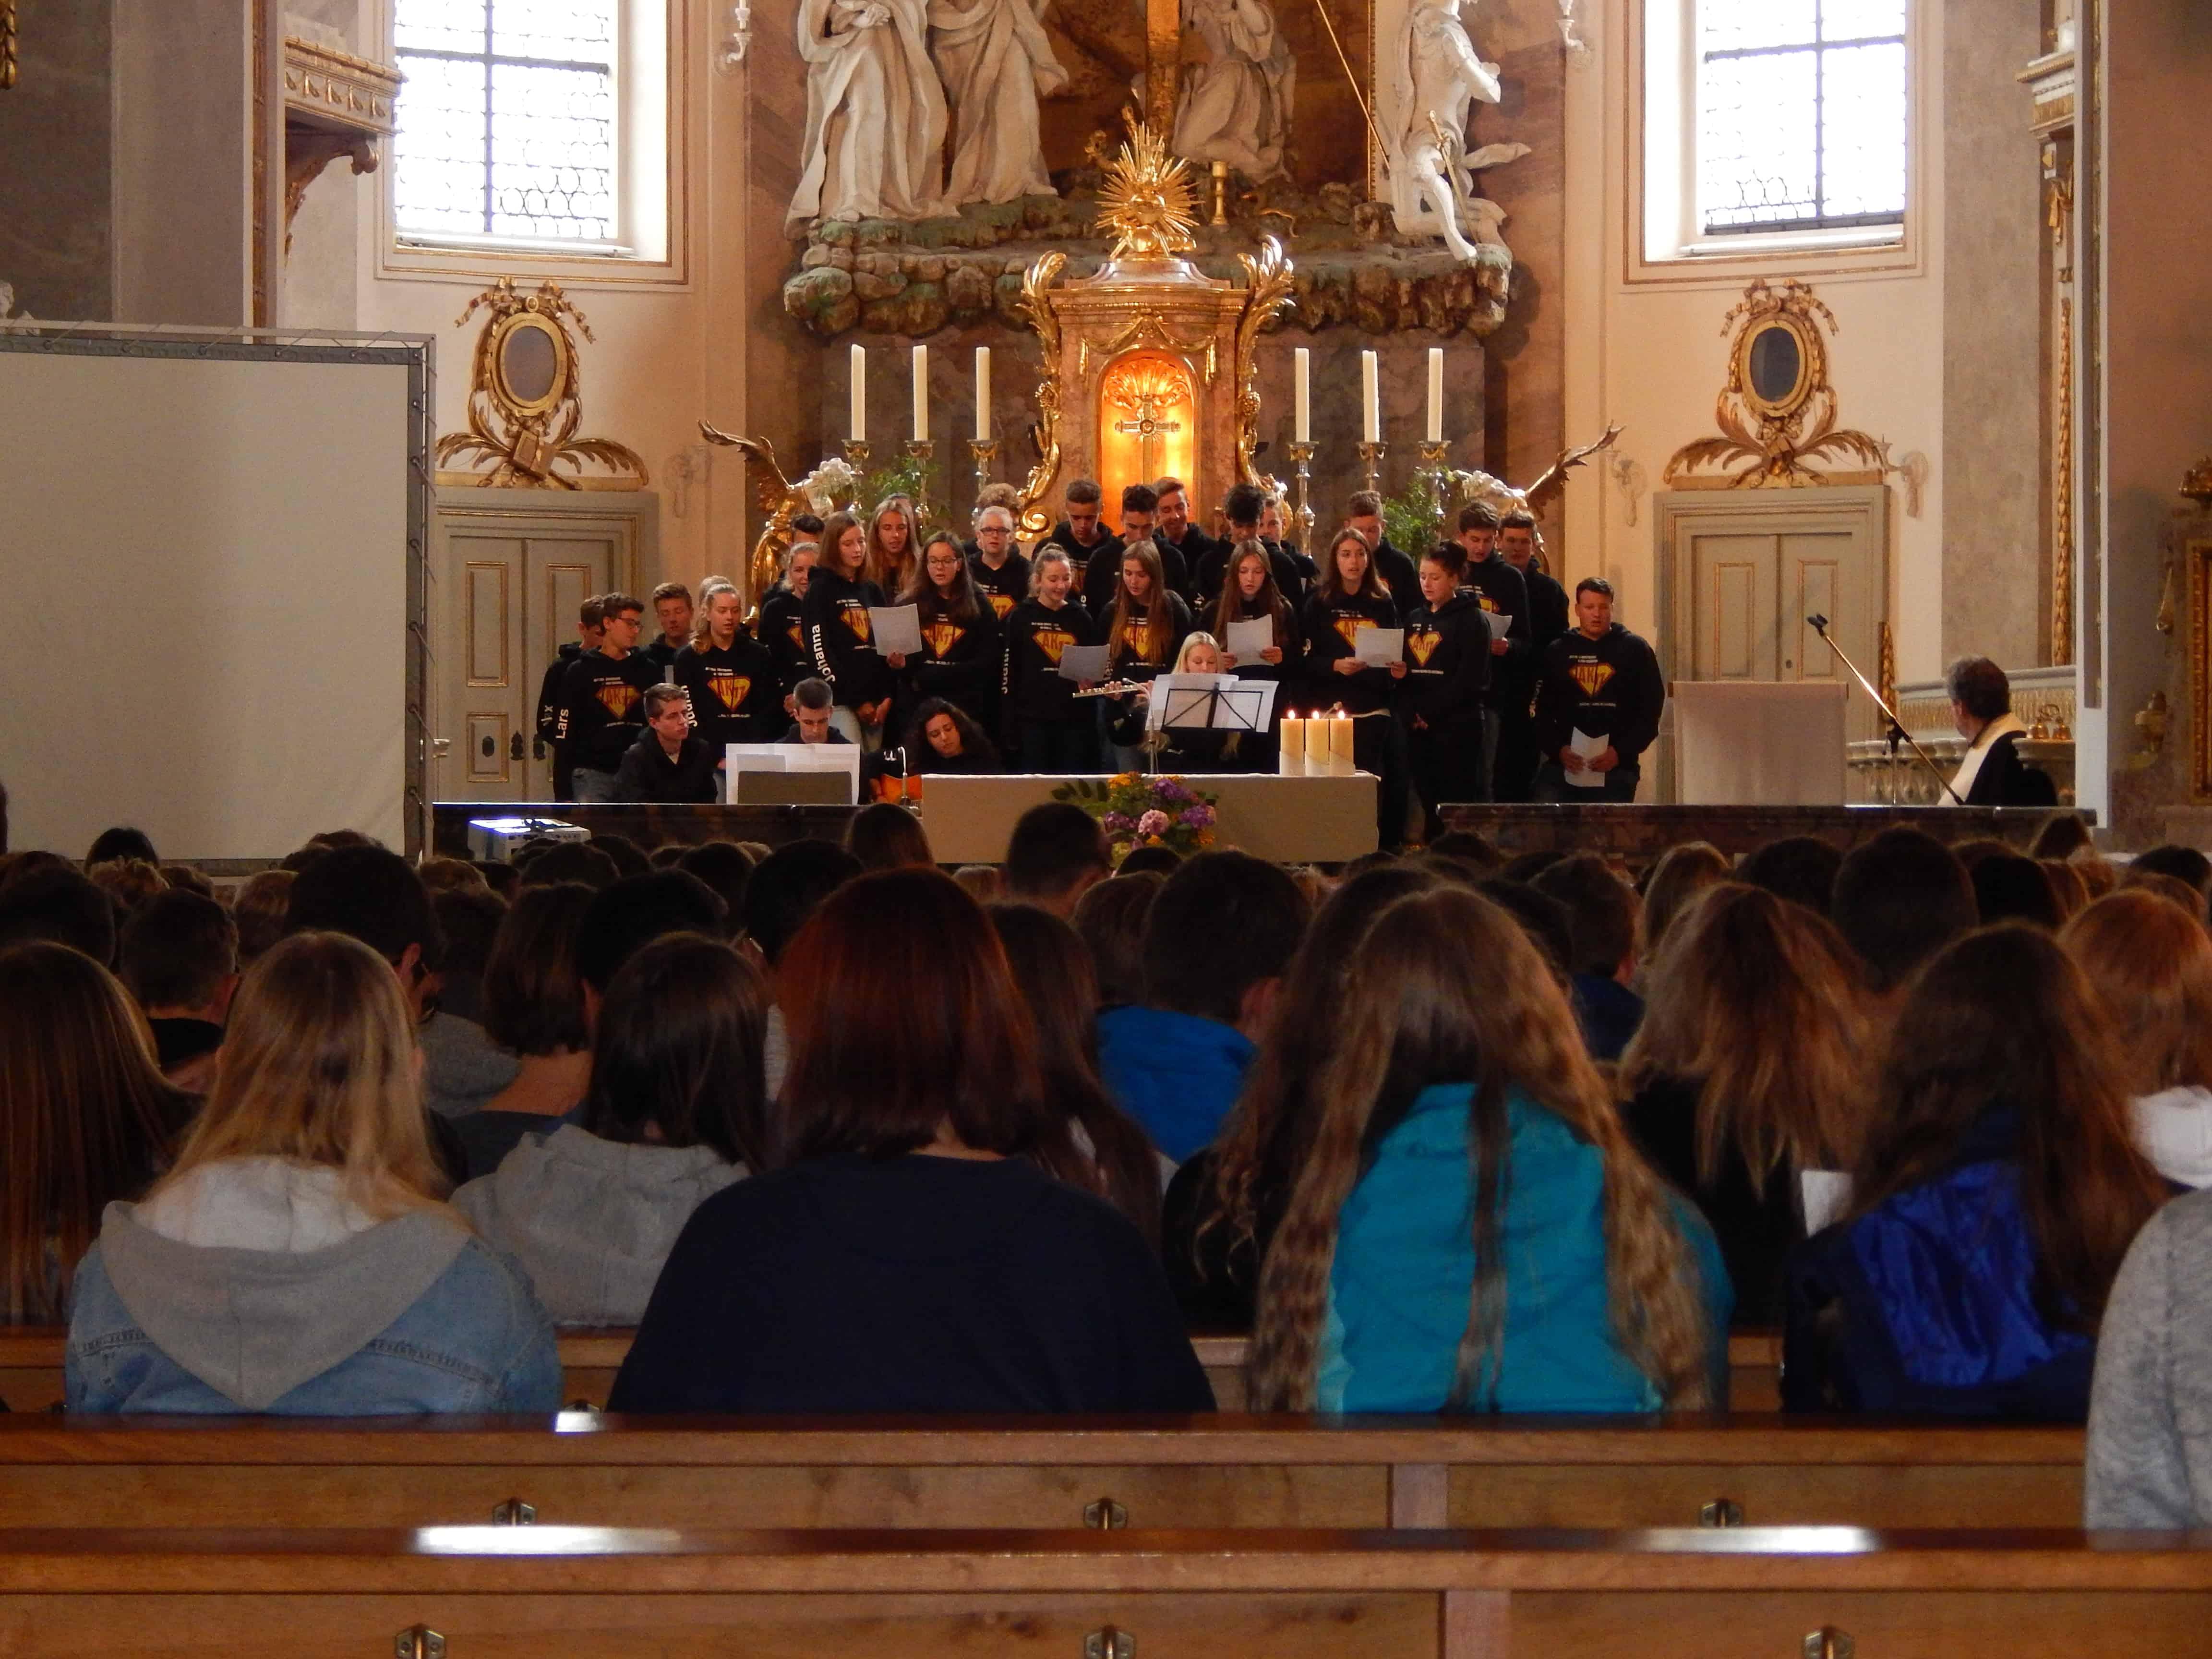 Letzter Tag des Schuljahrs: Abschlussgottesdienst zum Thema Barmherzigkeit